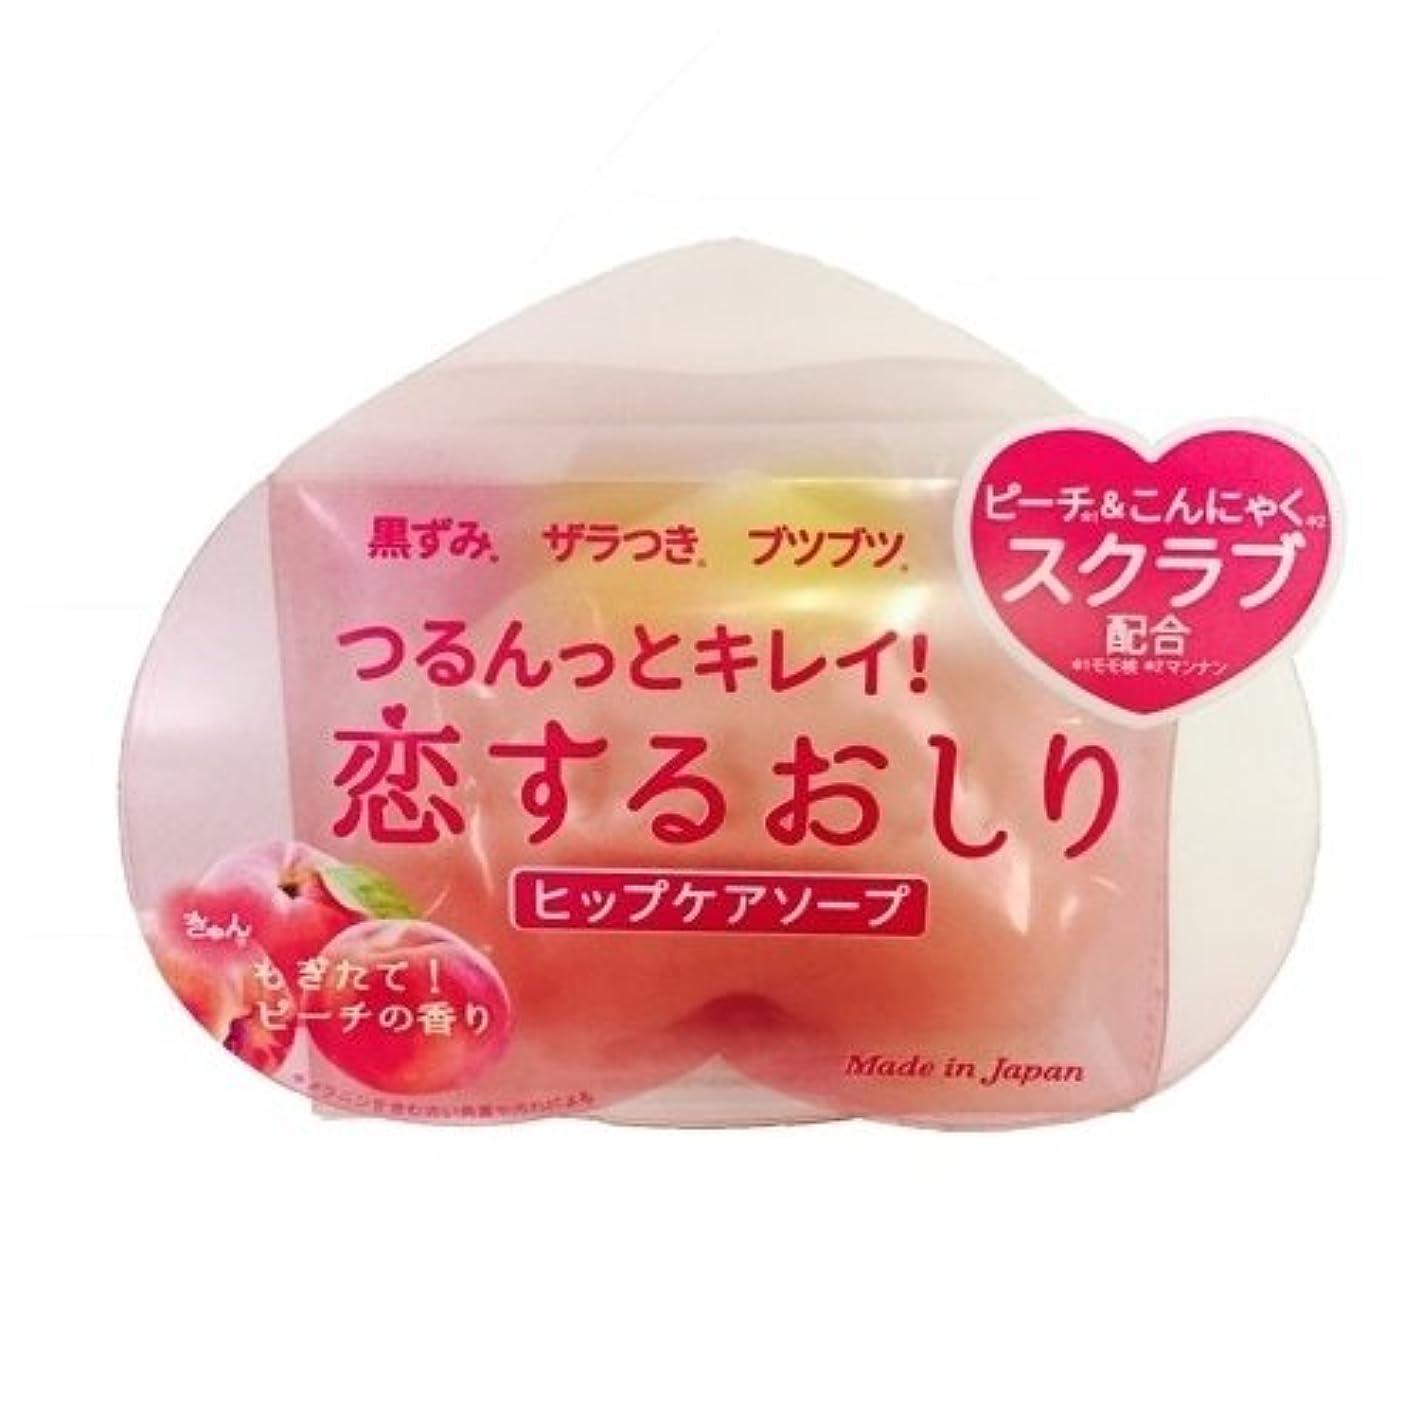 危険永久にレクリエーションペリカン石鹸 恋するおしり ヒップケアソープ 80g